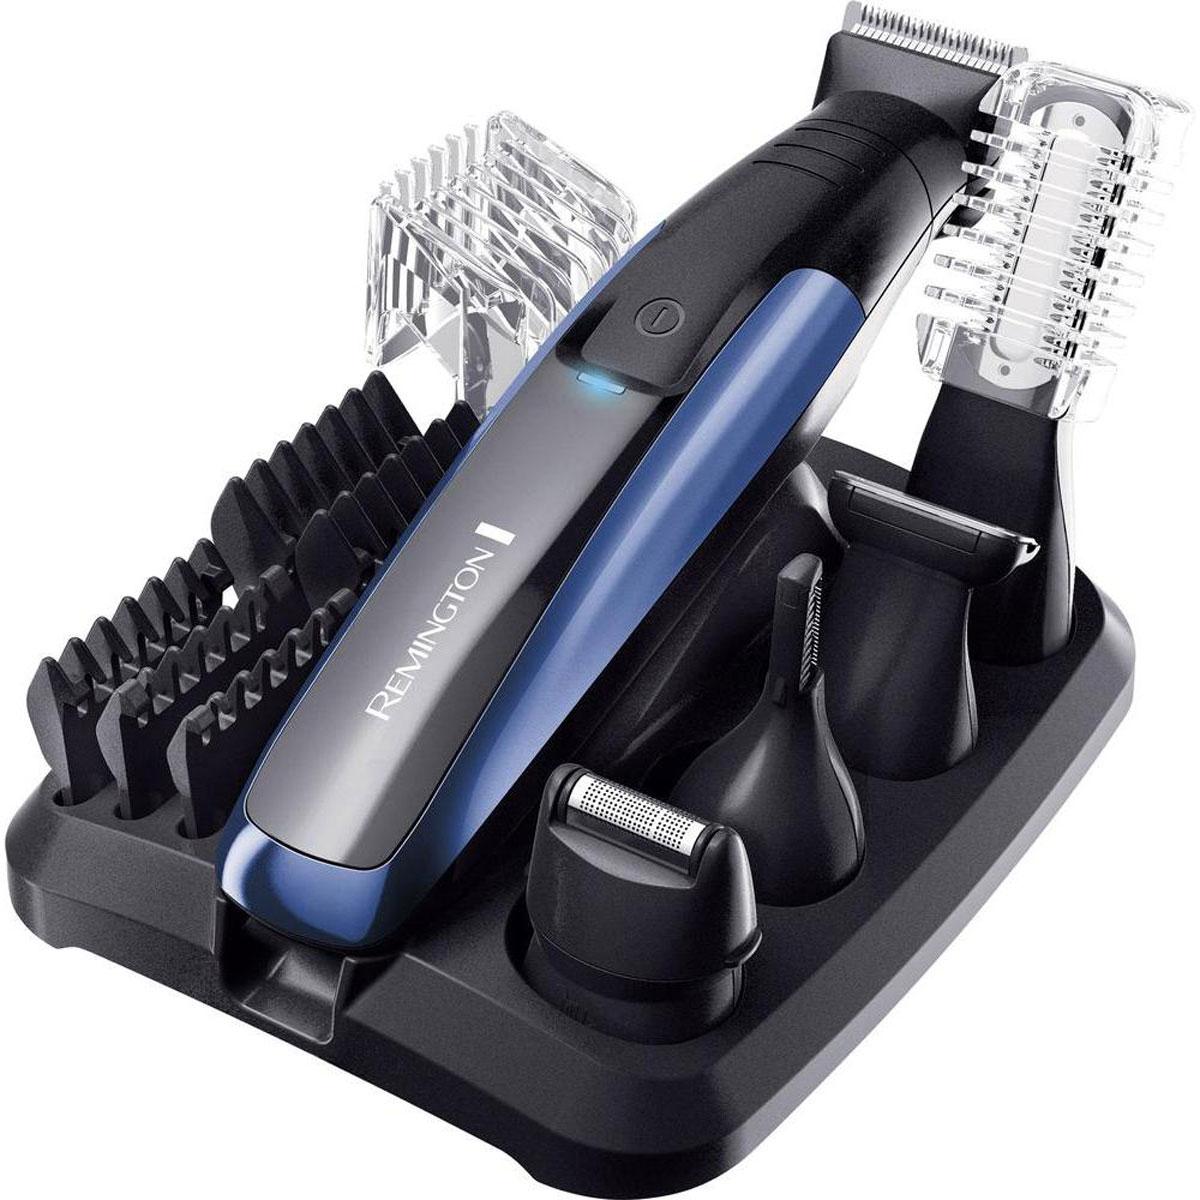 Remington PG6160 триммерPG6160Набор для ухода за волосами Remington PG6160 содержит все необходимые технологии и инновационные устройства, которые необходимы для полного создания образа и ухода за волосами для любого современного мужчины.Набор содержит пять насадок-головок - остается только выбрать, что вам нужно сегодня. Основной триммер с пятью насадки для разной длины (1.5, 3, 6, 9 и 12 мм), двусторонний вертикальный триммер для носа и ушей, сетчатая мини-бритва, детальный триммер и двусторонний триммер для тела. В дополнение ко всему, все насадки удобно хранить на компактной подставке. Ваш прибор всегда готов к использованию! Лучше, чем когда-либо - набор Remington PG6160 теперь обладает большими возможностями и гарантирует максимальную точность и качество стрижки.Полная зарядка за 4 часаБыстрая зарядка за 5 минутПолностью водостойкий